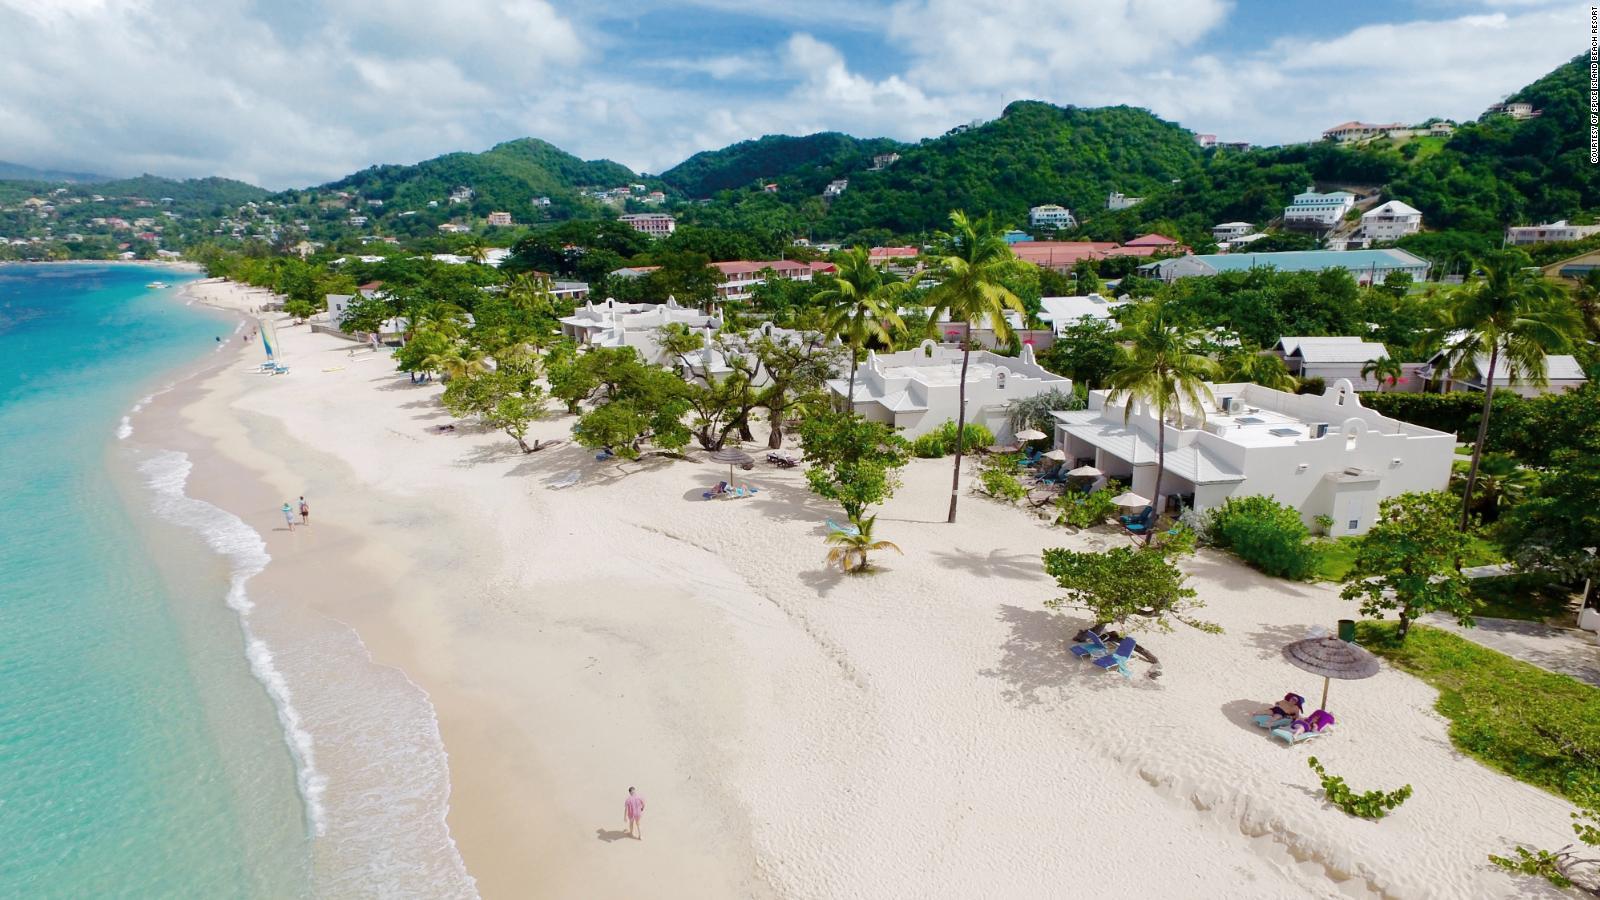 Caribbean trips: More than beautiful beaches | CNN Travel